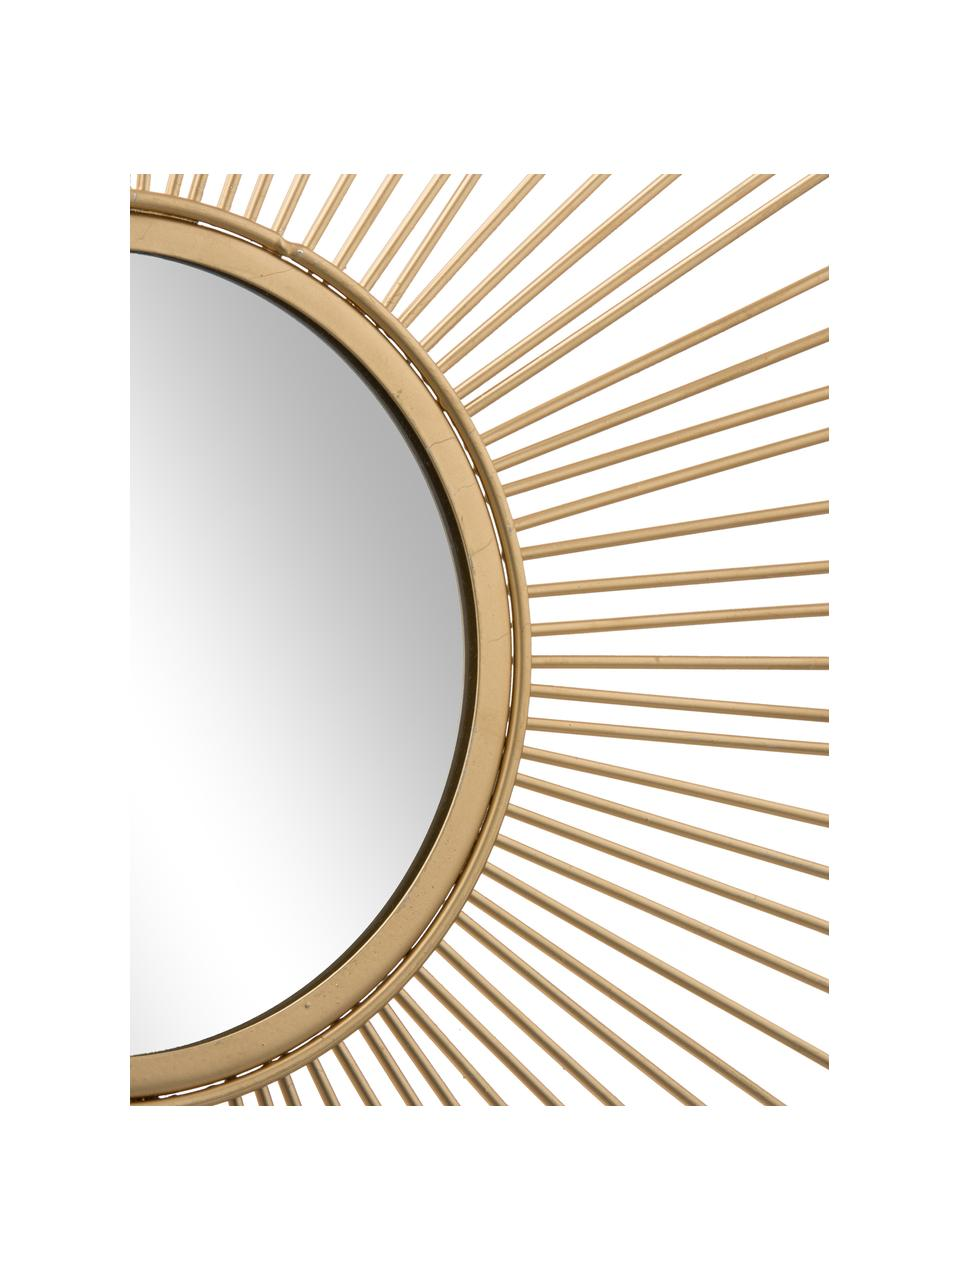 Zonnespiegel Brooklyn met antieke afwerking, Lijst: metaal, Lijst: goudkleurig. Spiegelvlak: spiegelglas, Ø 50 cm